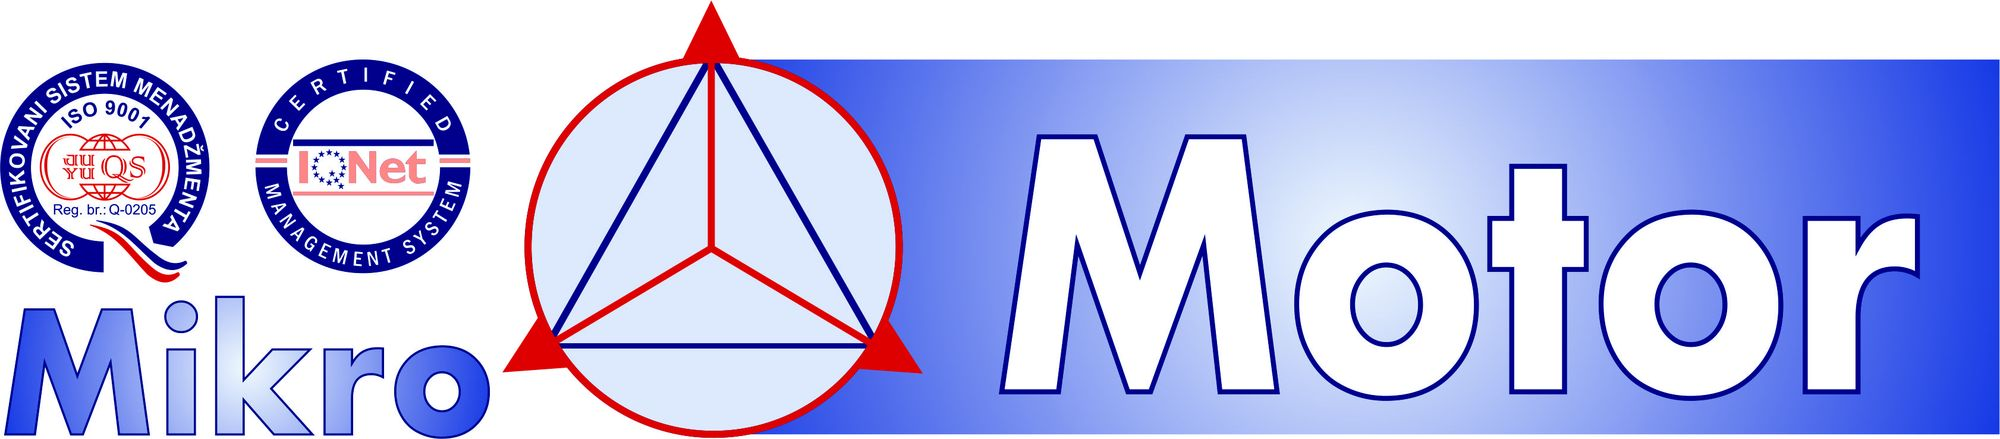 Mikromotor d.o.o.